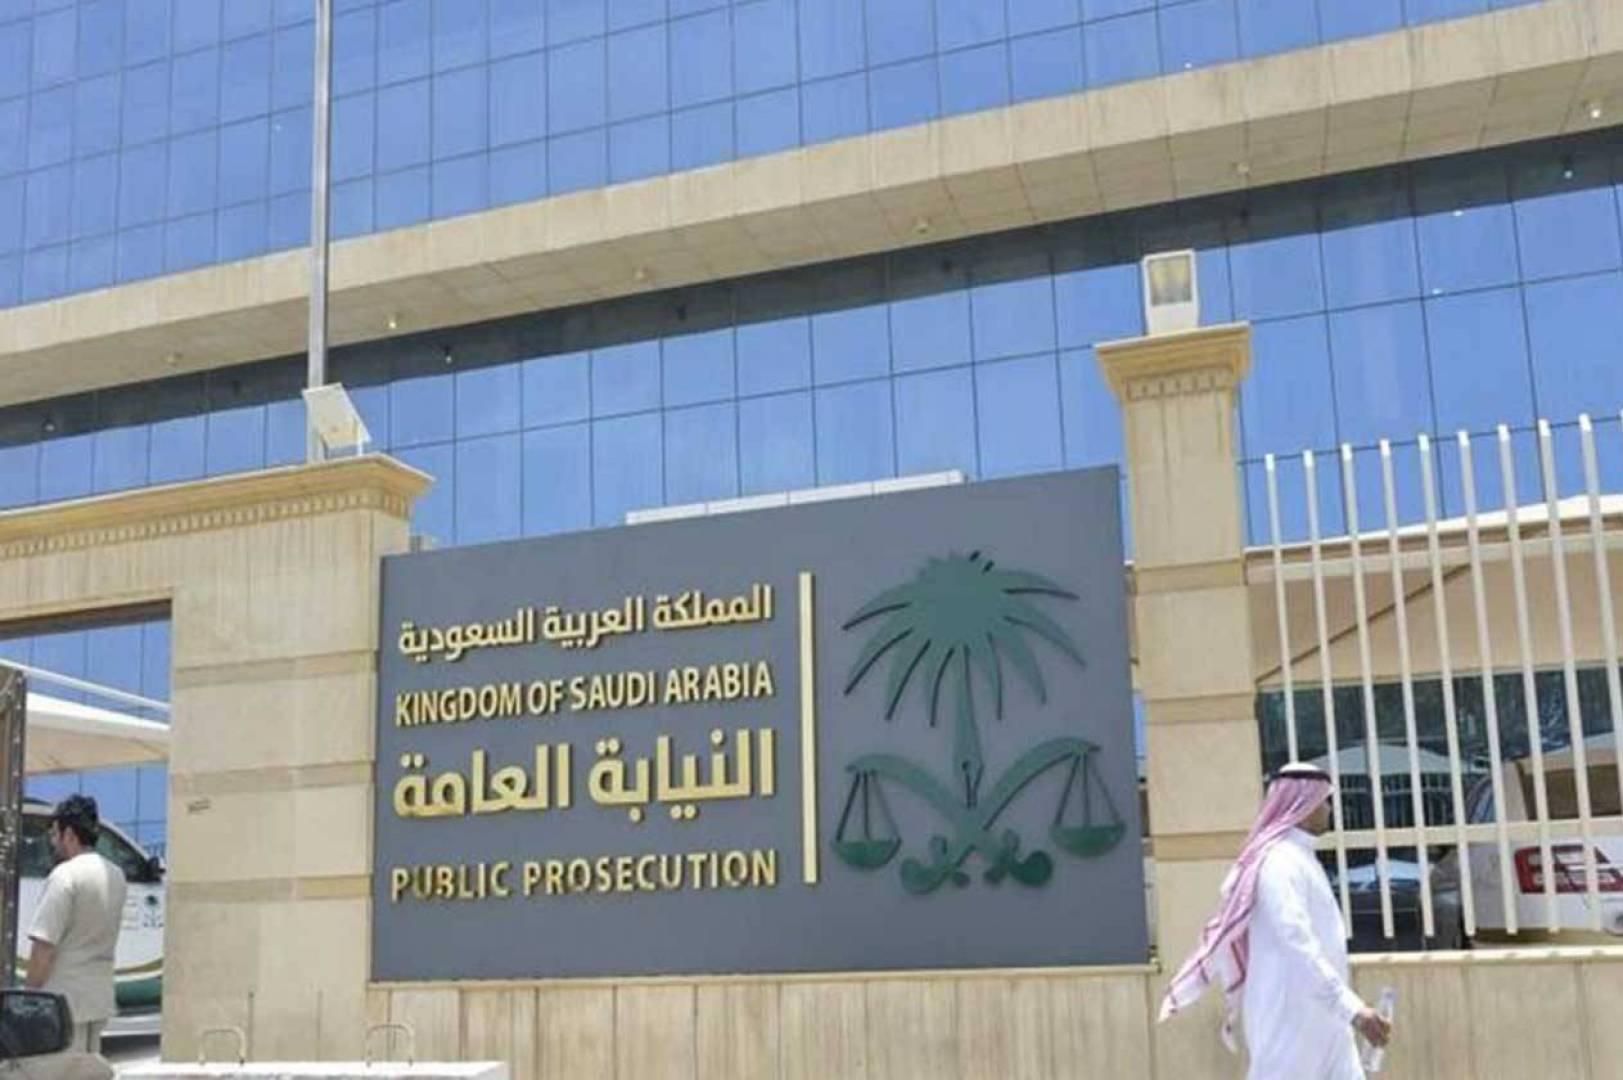 السجن 5 سنوات وغرامة 3 ملايين ريال عقوبة بث الشائعات في السعودية